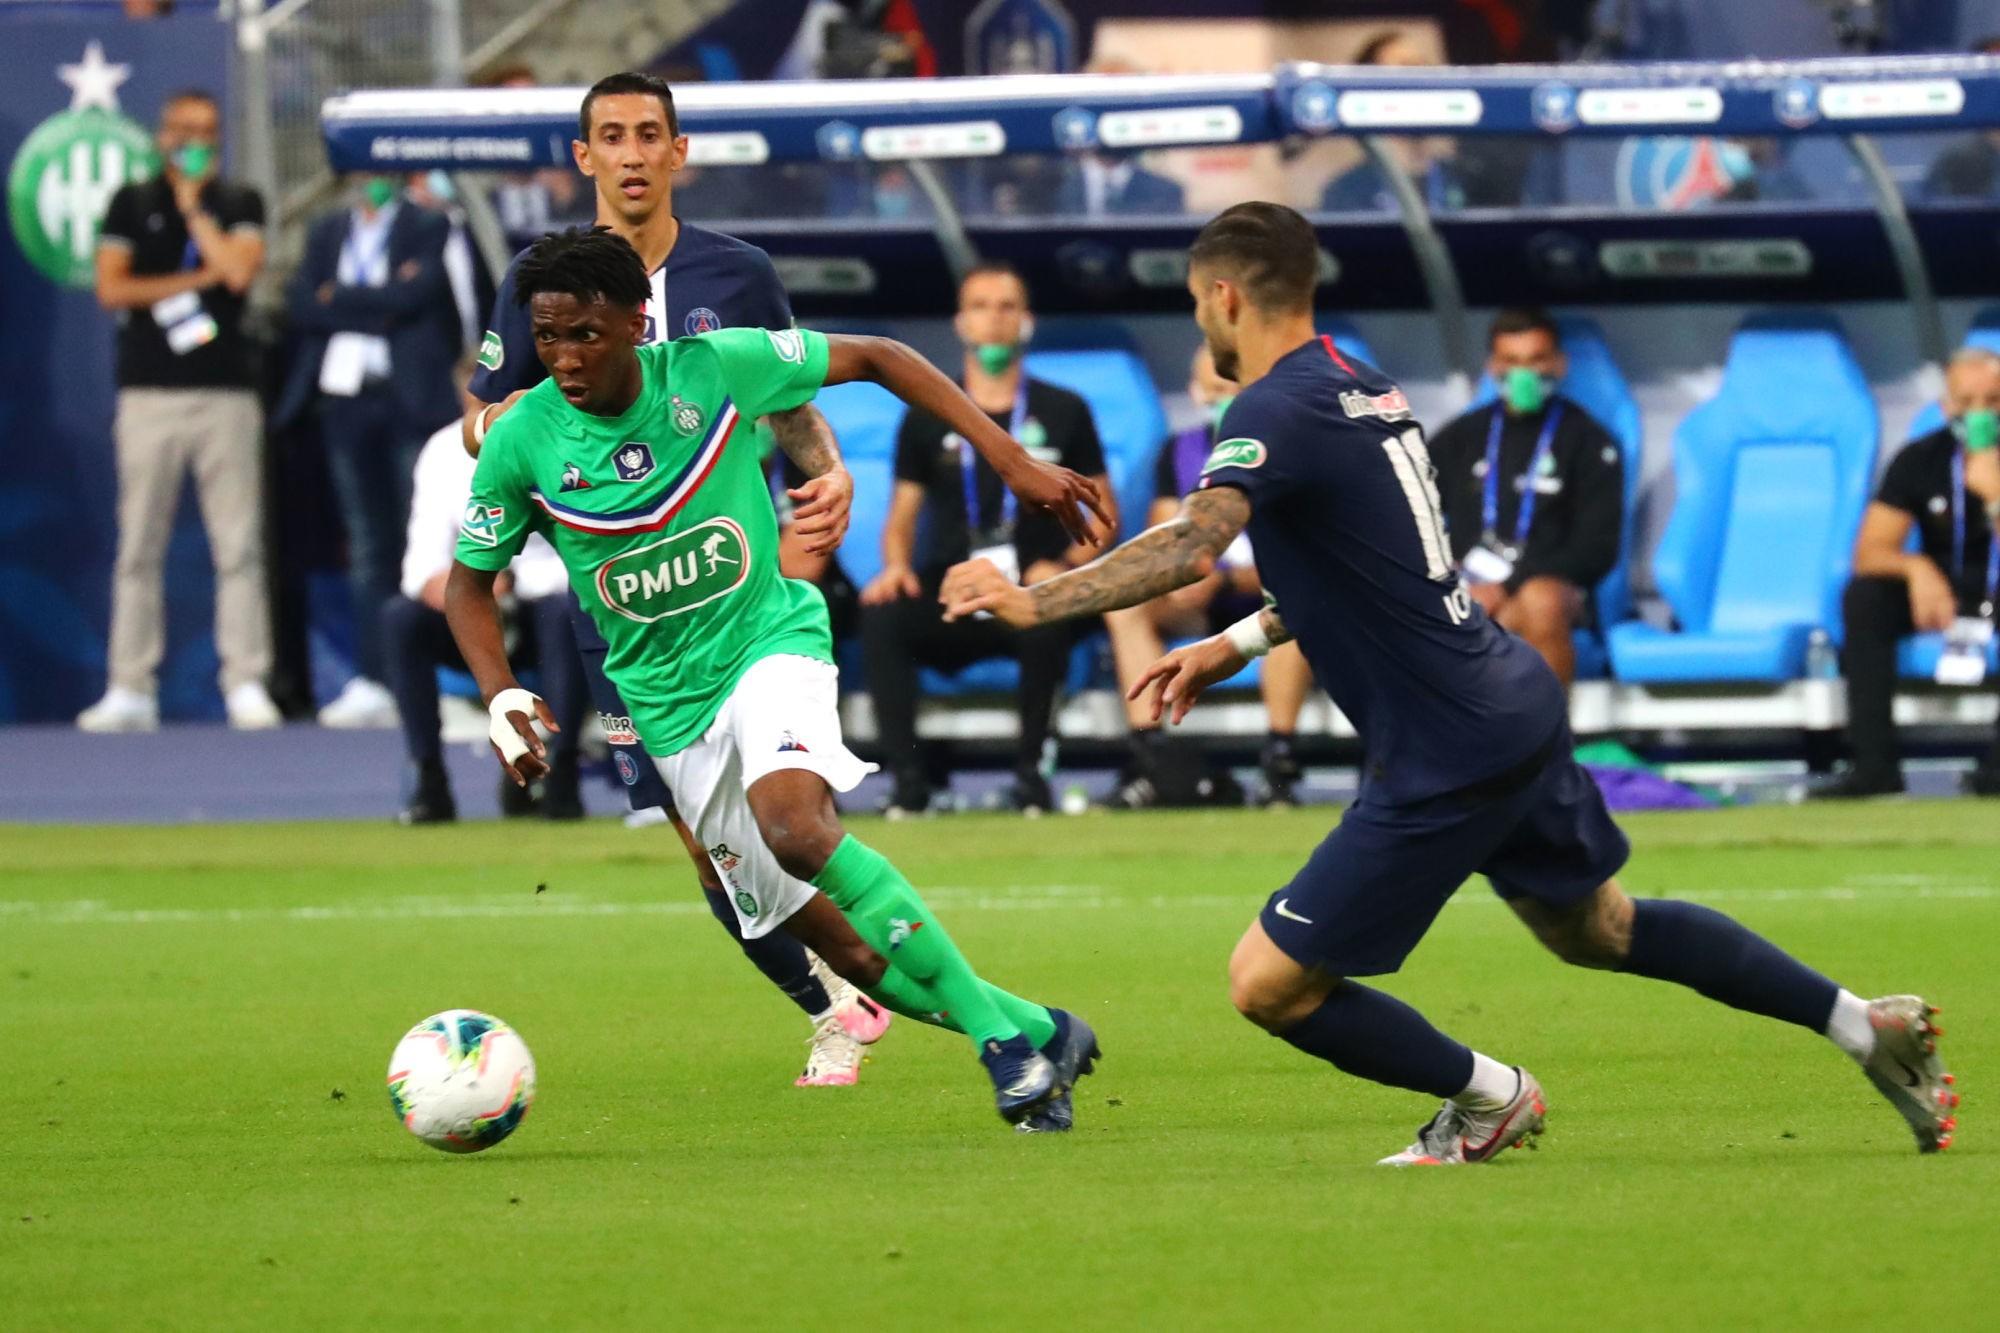 ASSE / PSG - Yvan Neyou ne souhaite surtout pas être comparé à Neymar... - Sport.fr